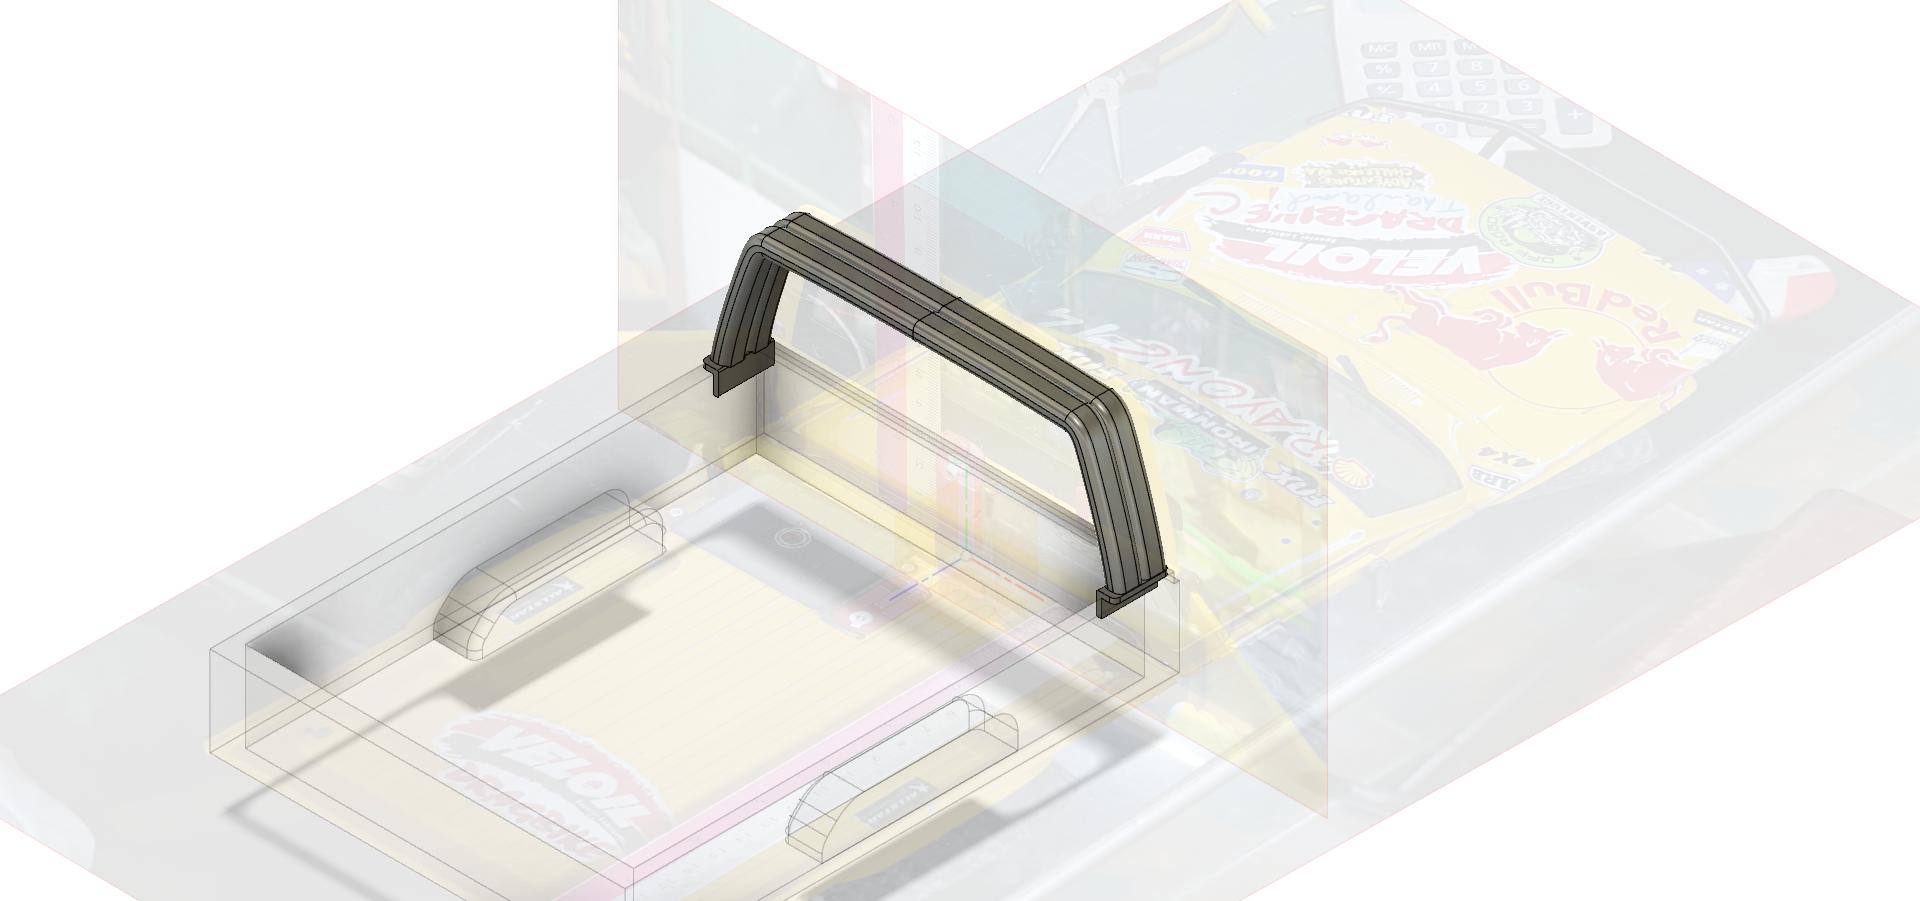 Rool bar V1-1 thin.png Télécharger fichier STL gratuit TOYOTA HARD ROOL BAR SCX10 RC4WD K5 TRX4 • Design pour imprimante 3D, kiatkla